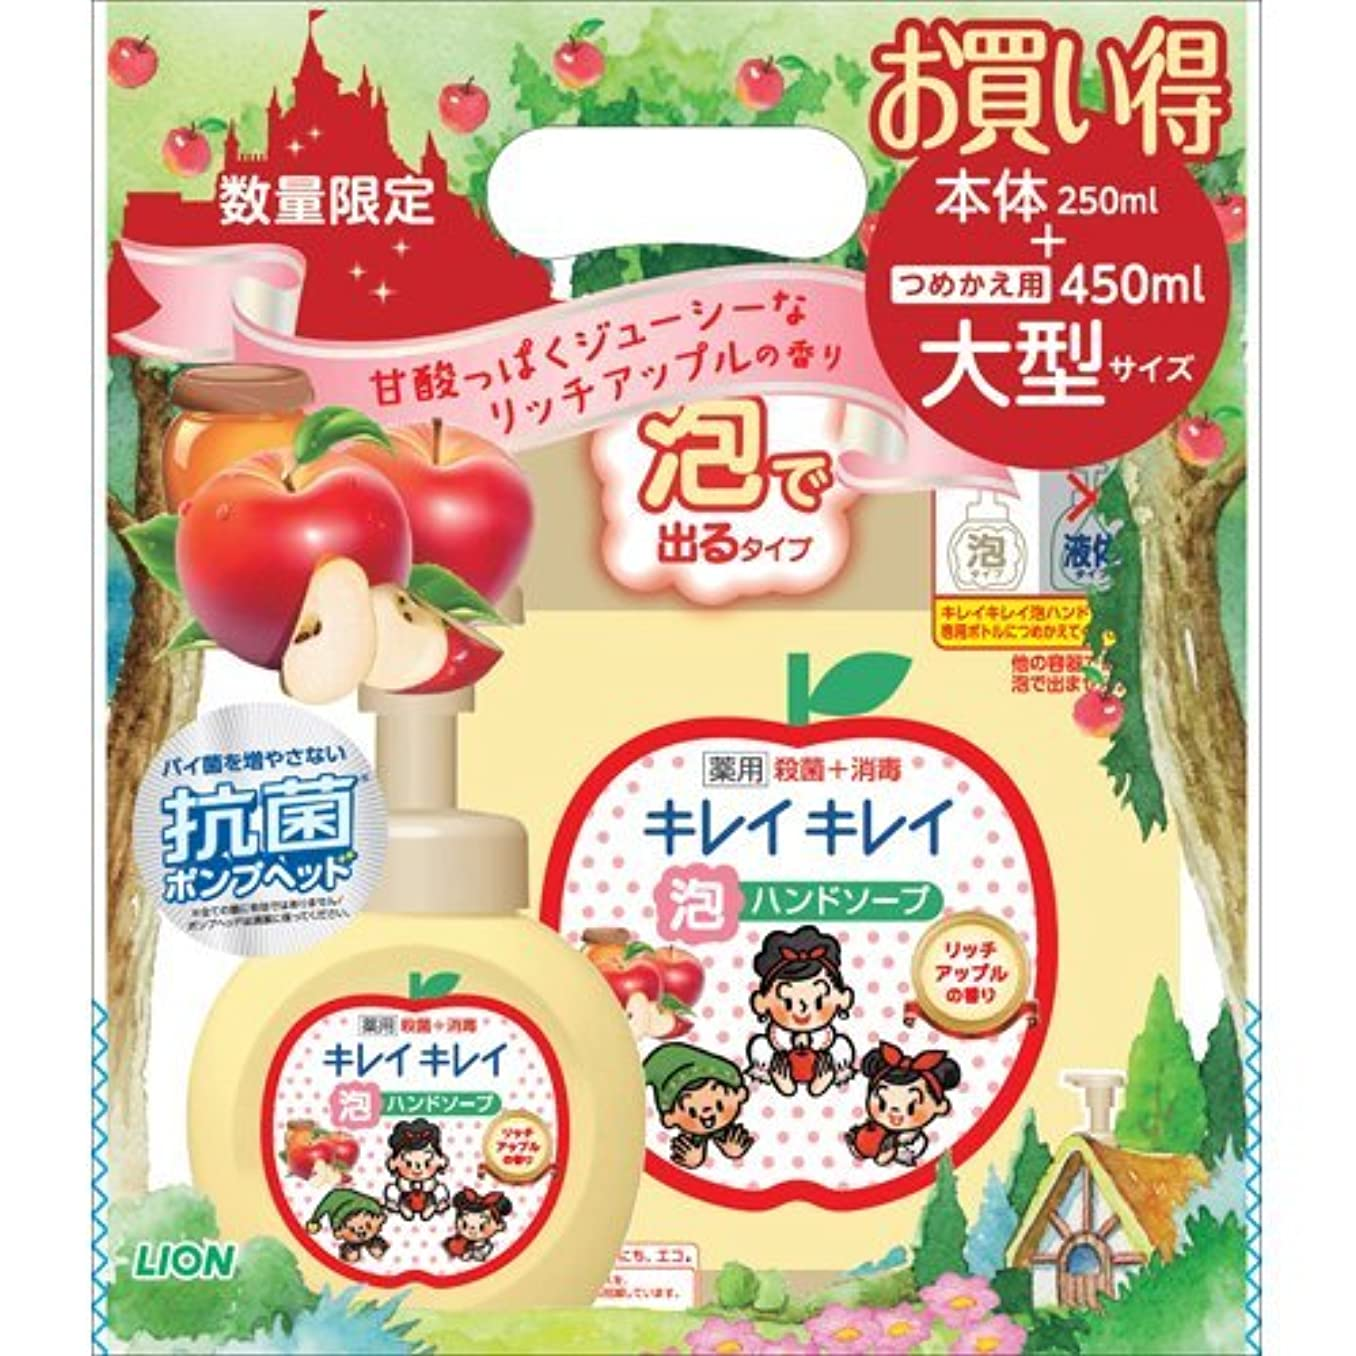 残り今まで知人キレイキレイ 薬用泡ハンドソープ リッチアップルの香り 本体250ml+つめかえ用大型サイズ450ml